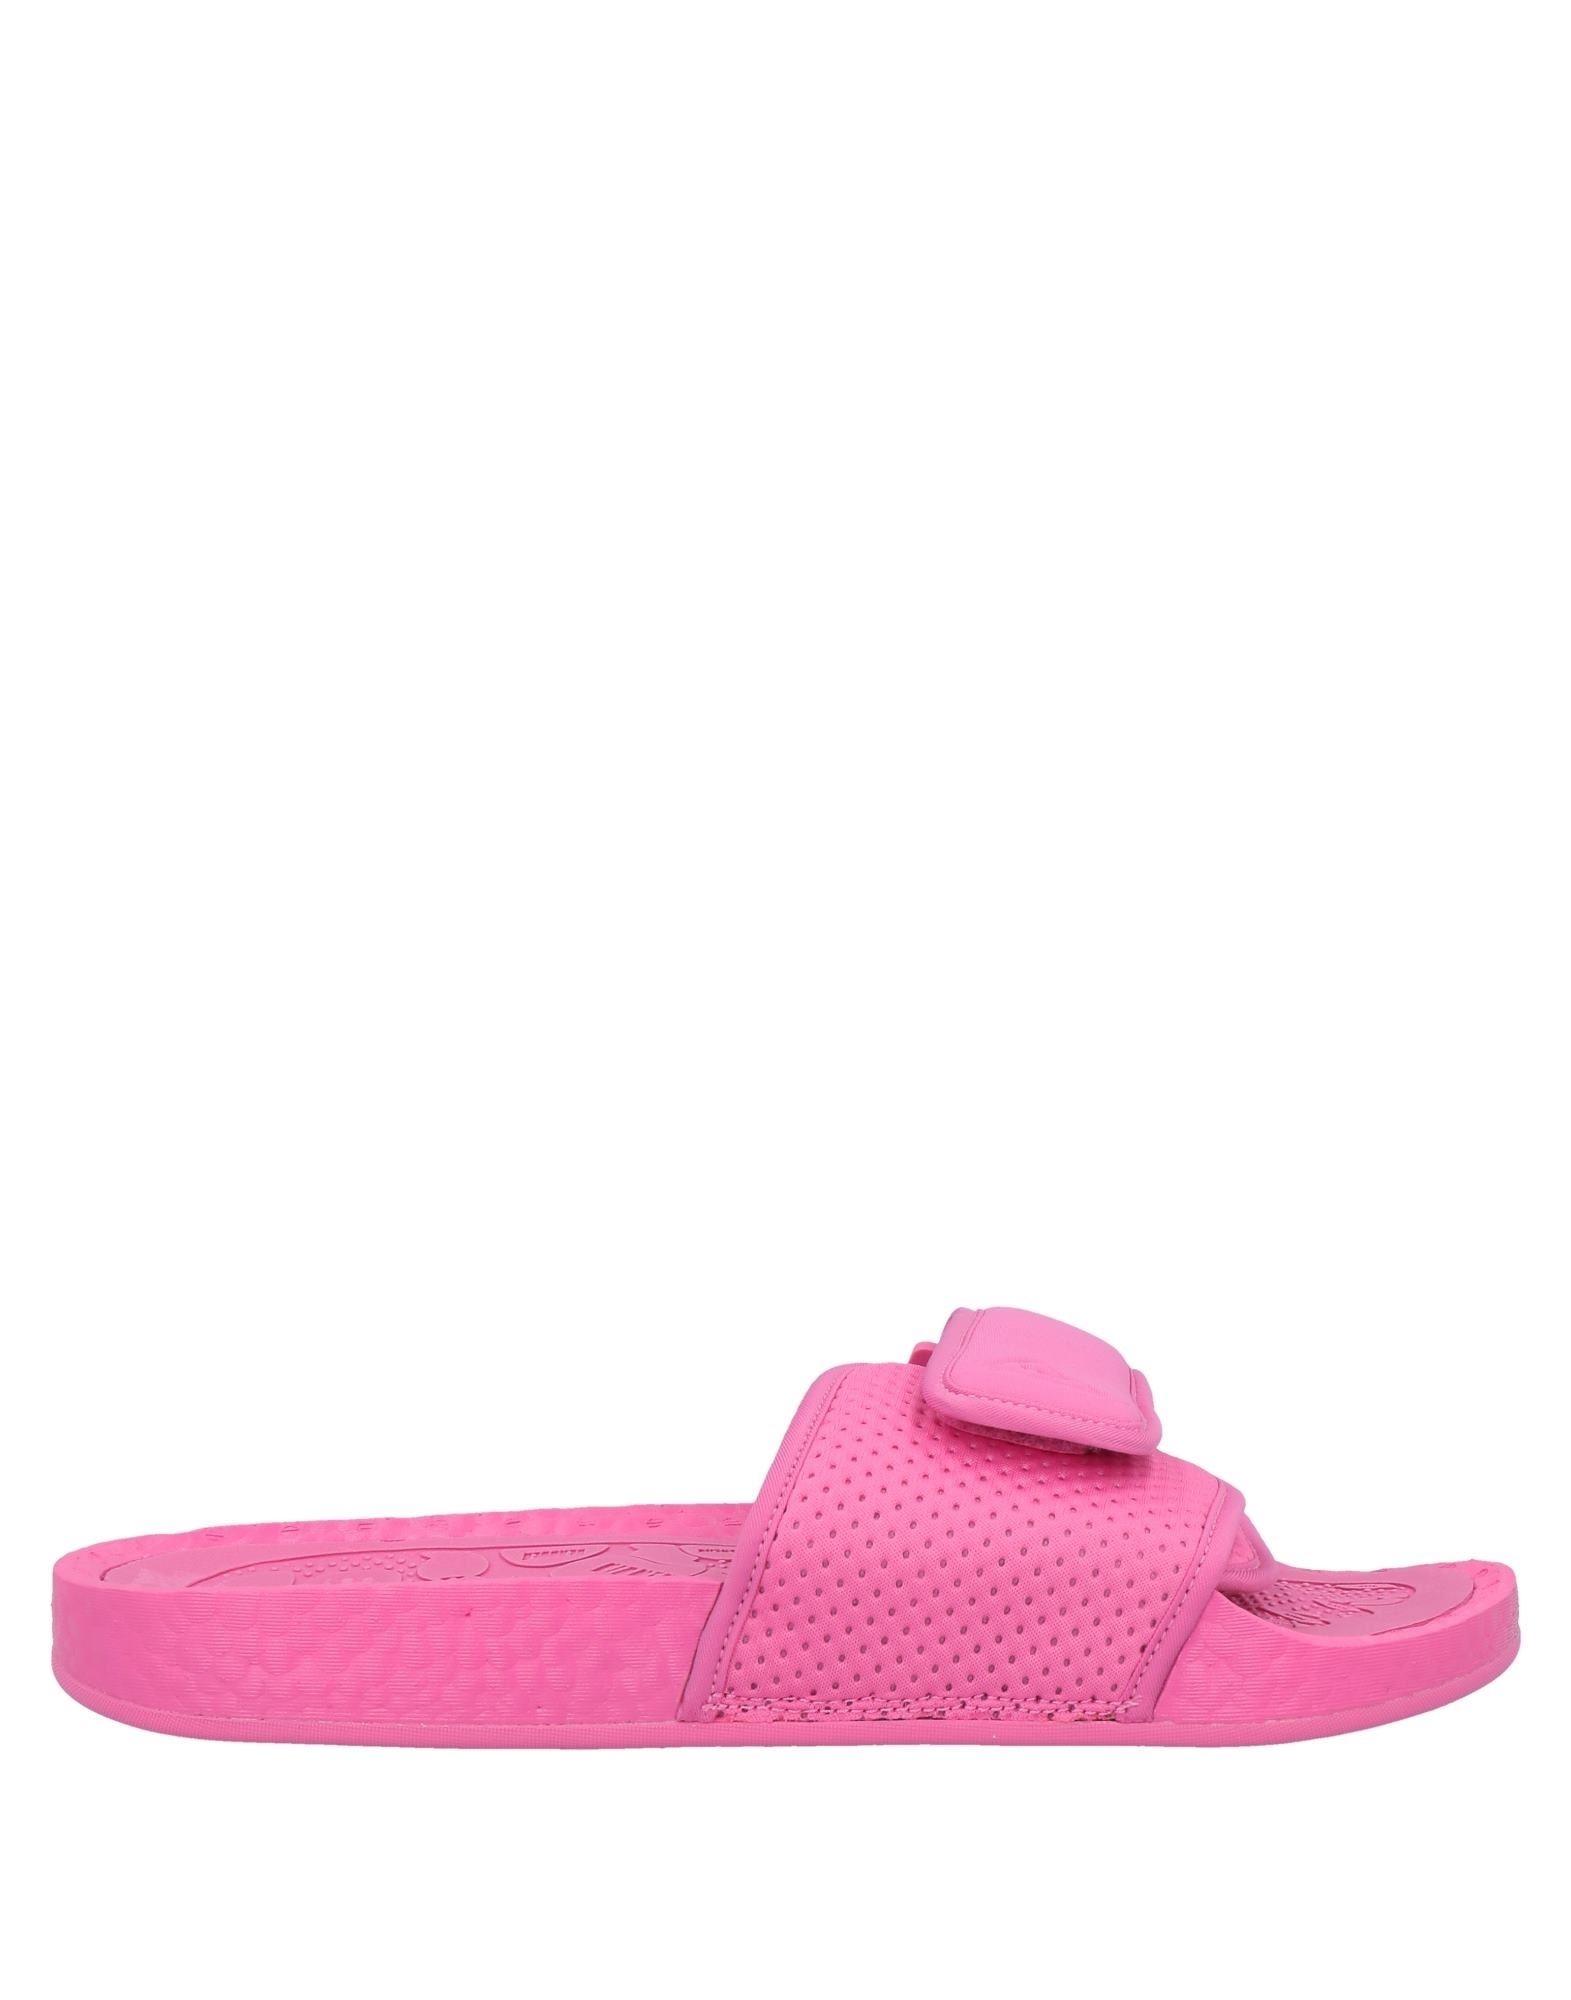 《セール開催中》ADIDAS ORIGINALS by PHARRELL WILLIAMS メンズ サンダル ピンク 5 紡績繊維